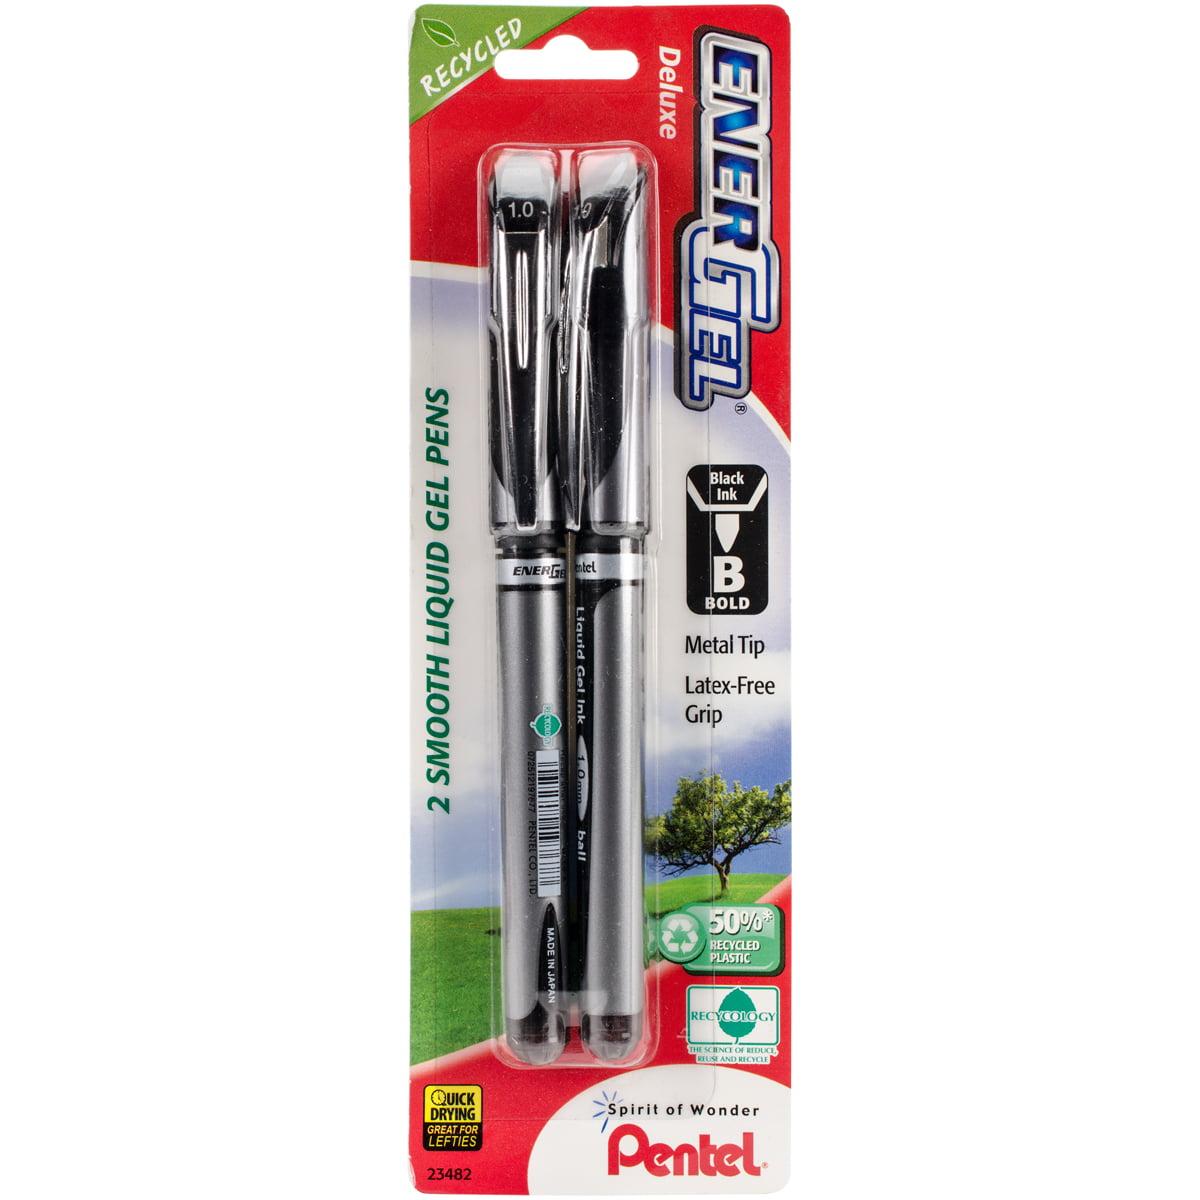 Pentel 1.0 mm Gel Pen in Black (Set of 6)